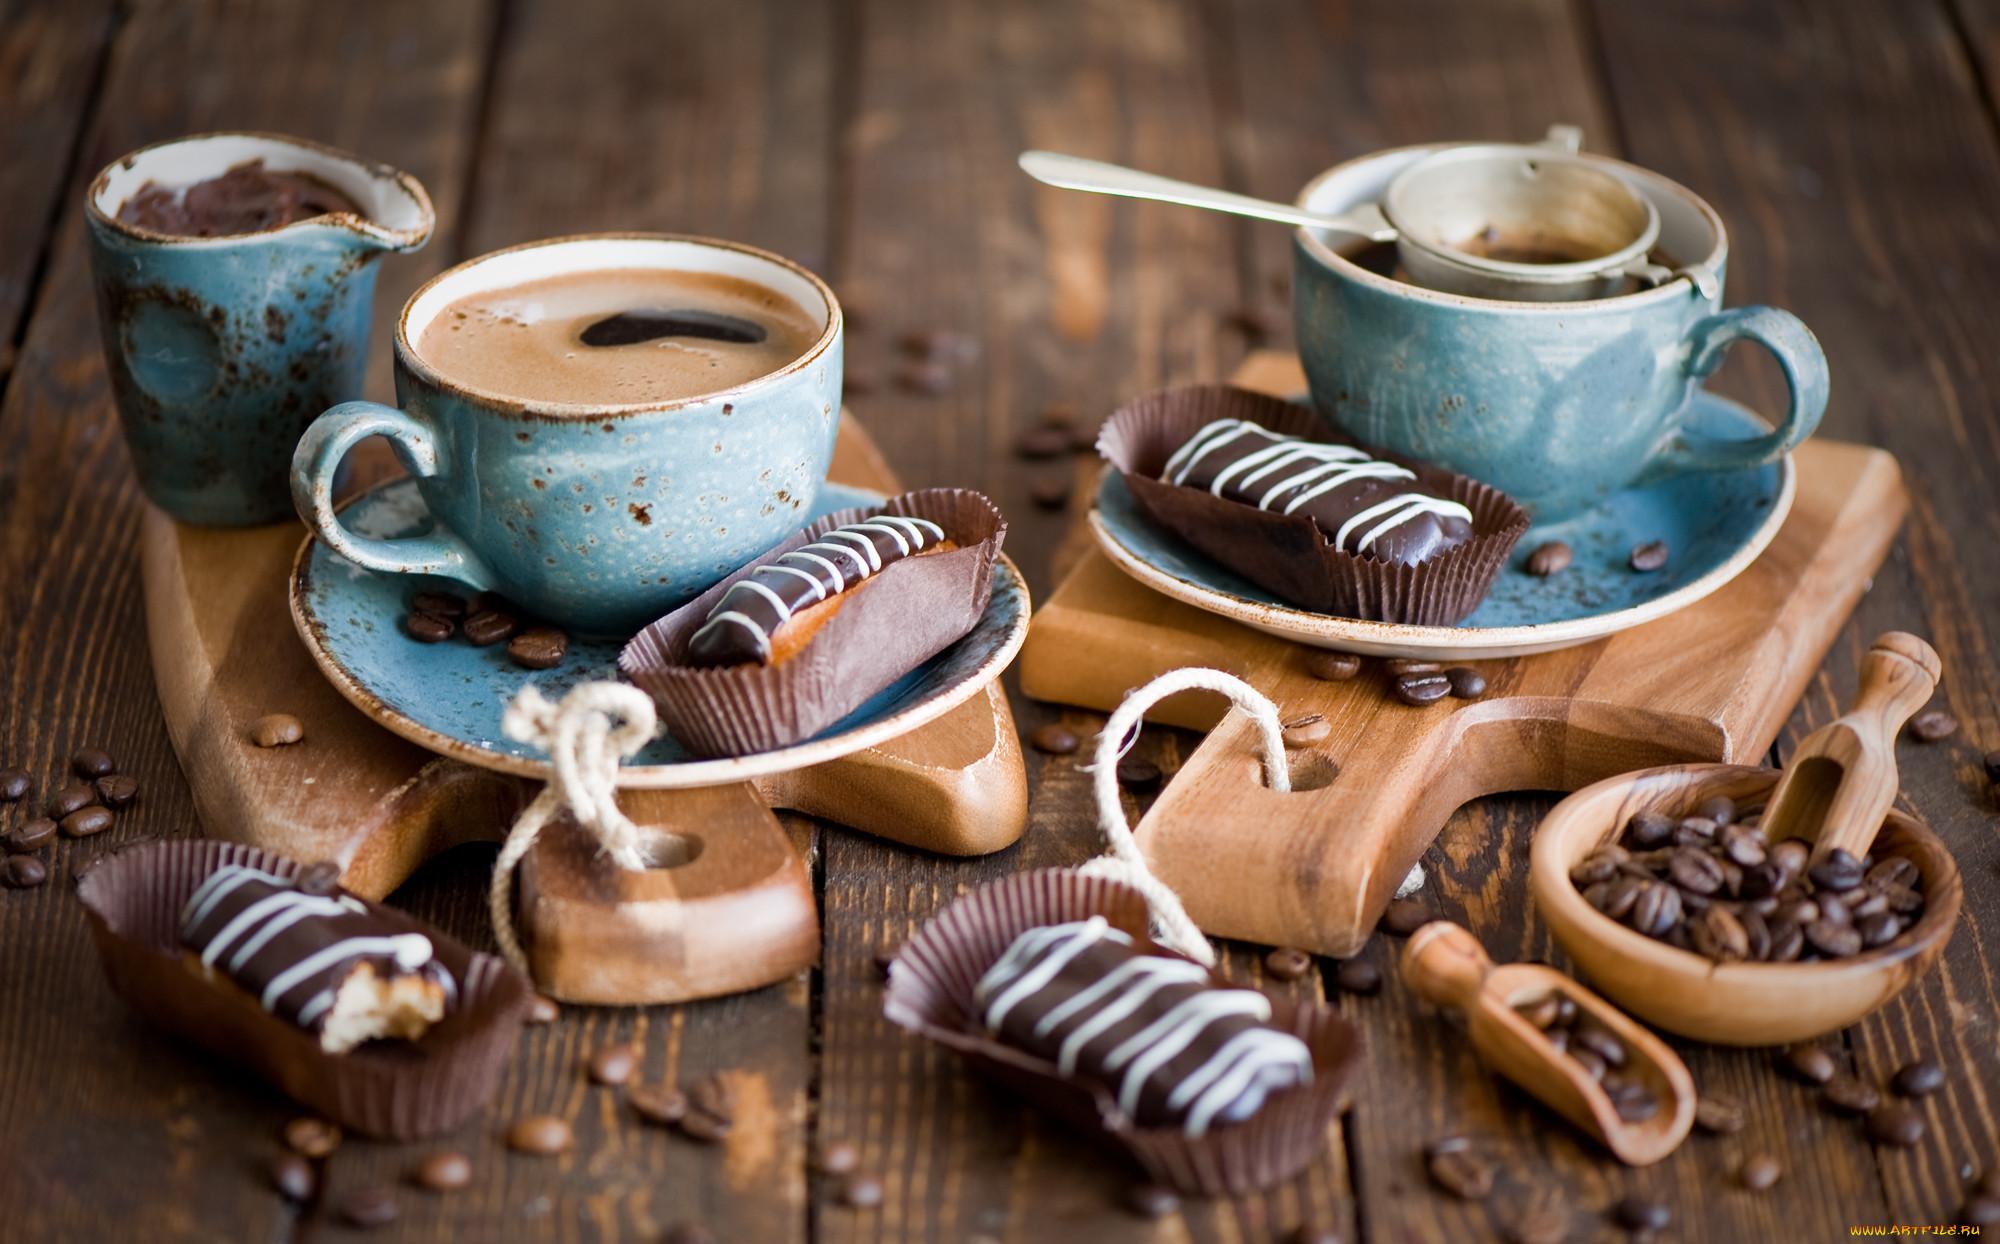 еда, кофе,  кофейные зёрна, эклеры, кофейные, зёрна, натюрморт